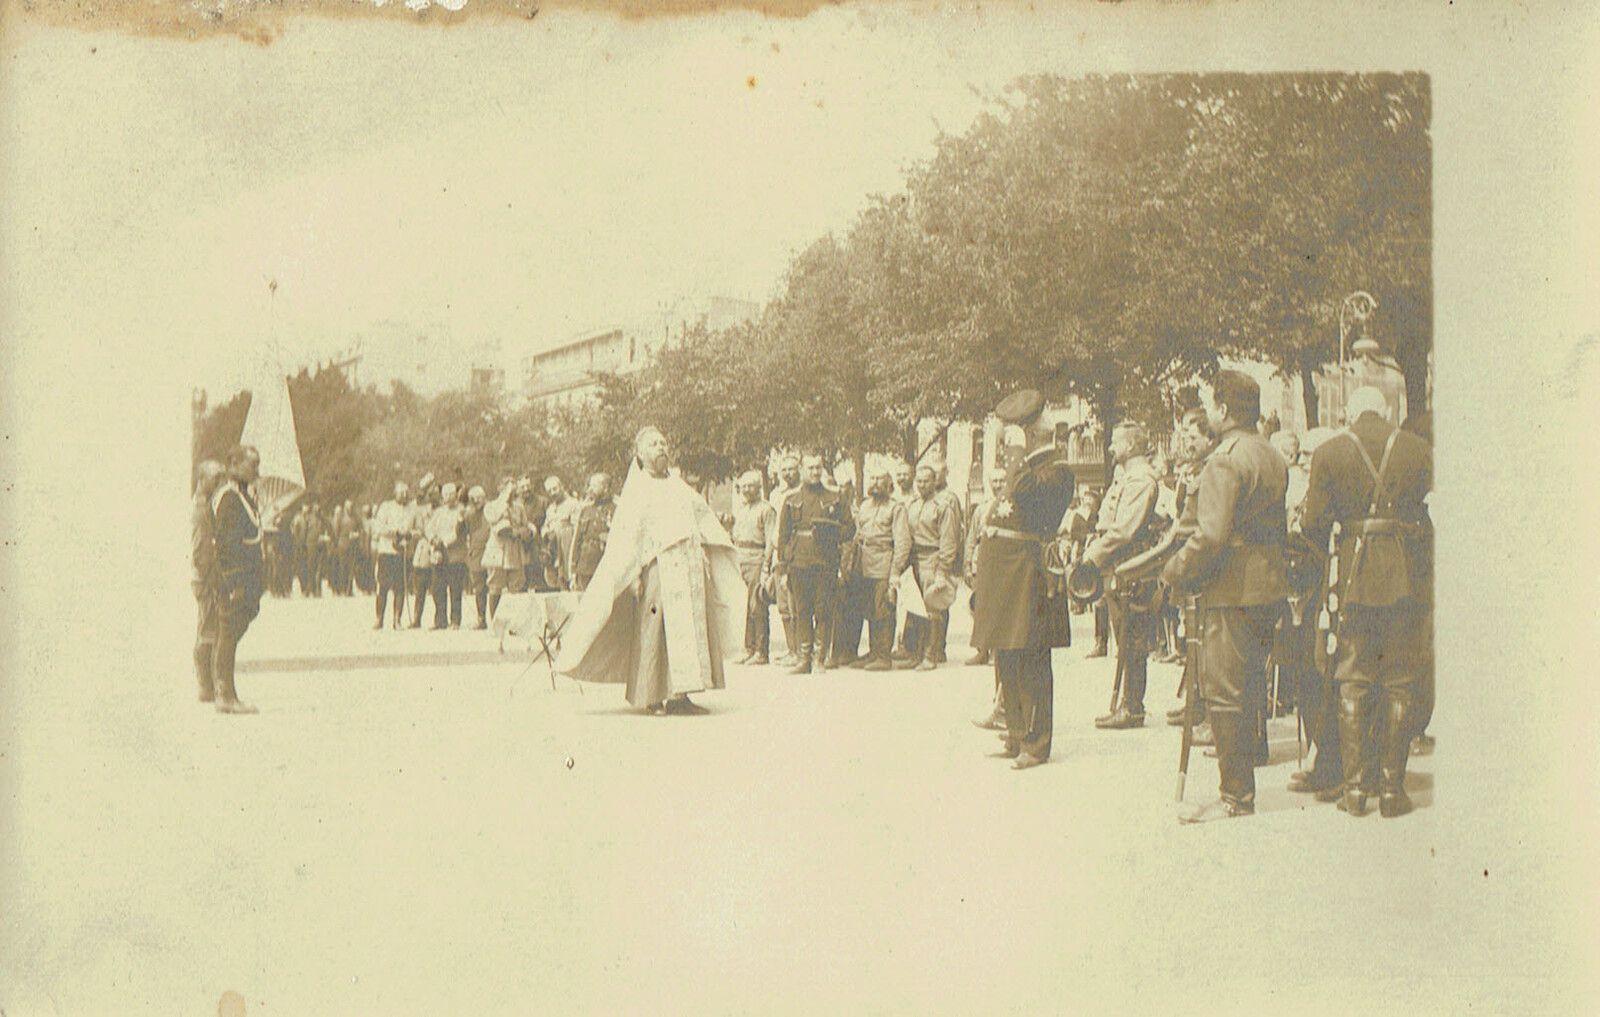 3Fi050-015, Troupes russes sur la place du Château autour du Pope en 1916 (2 août 1916).